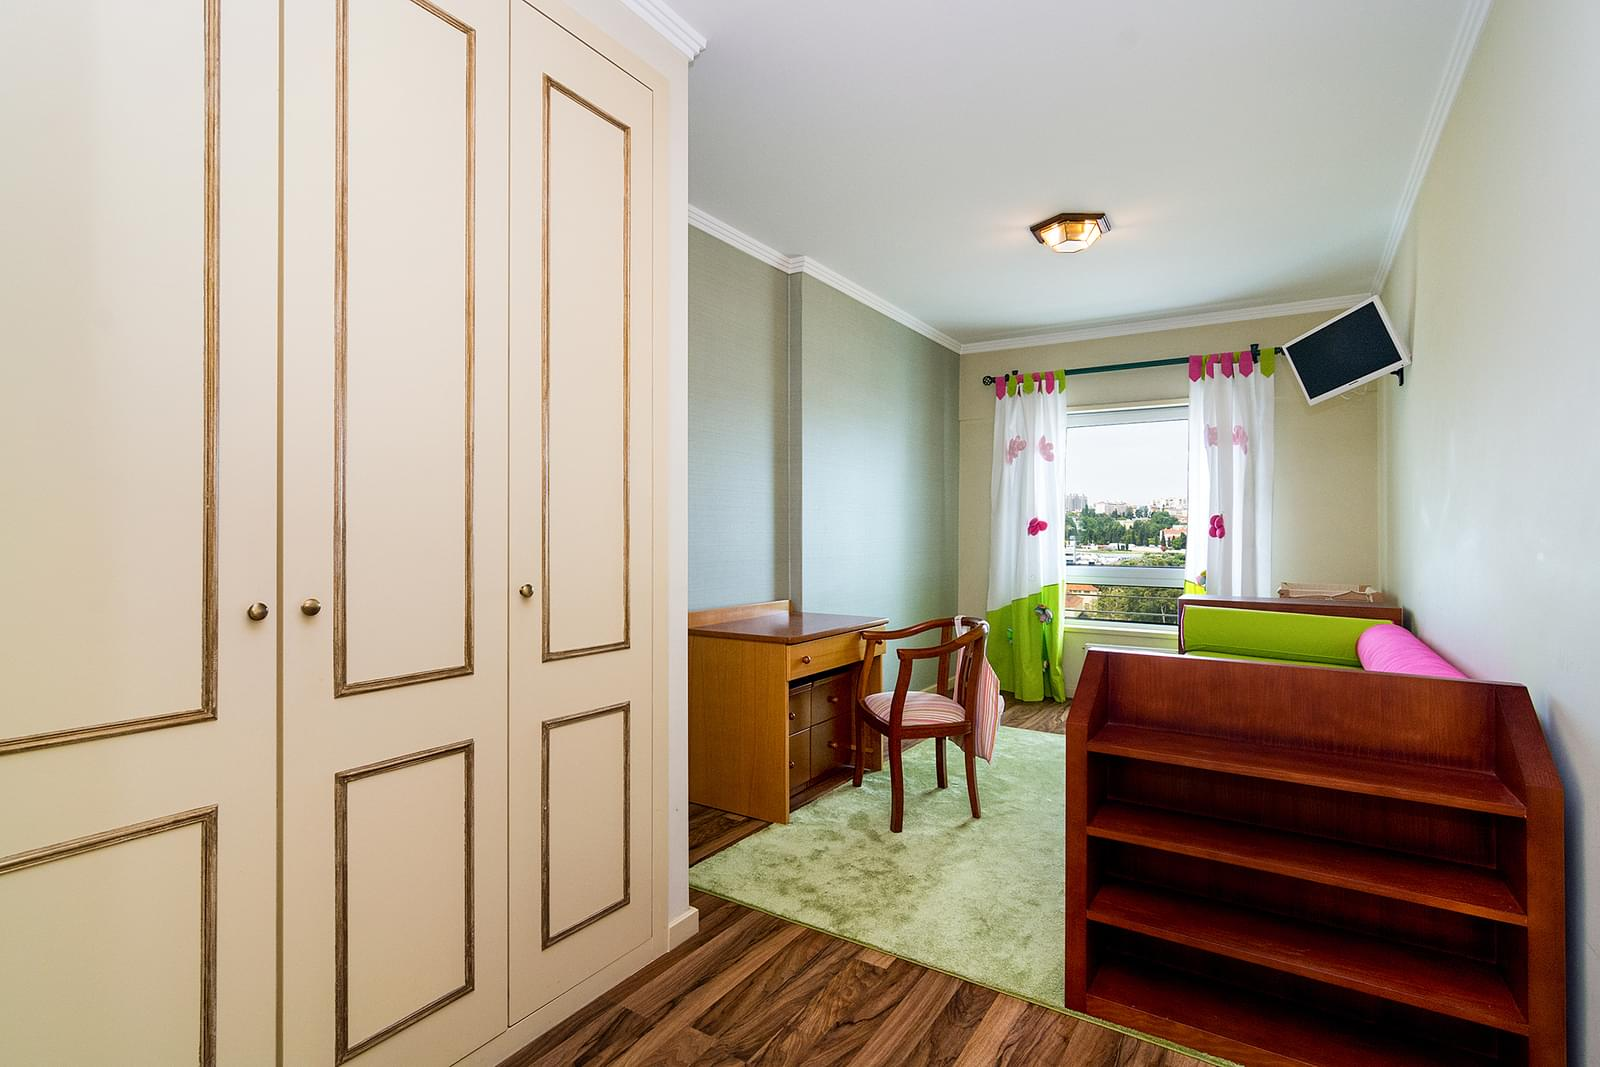 pf17449-apartamento-t4-lisboa-aaf09561-bea7-4d6b-a3d6-d7353936f5f9